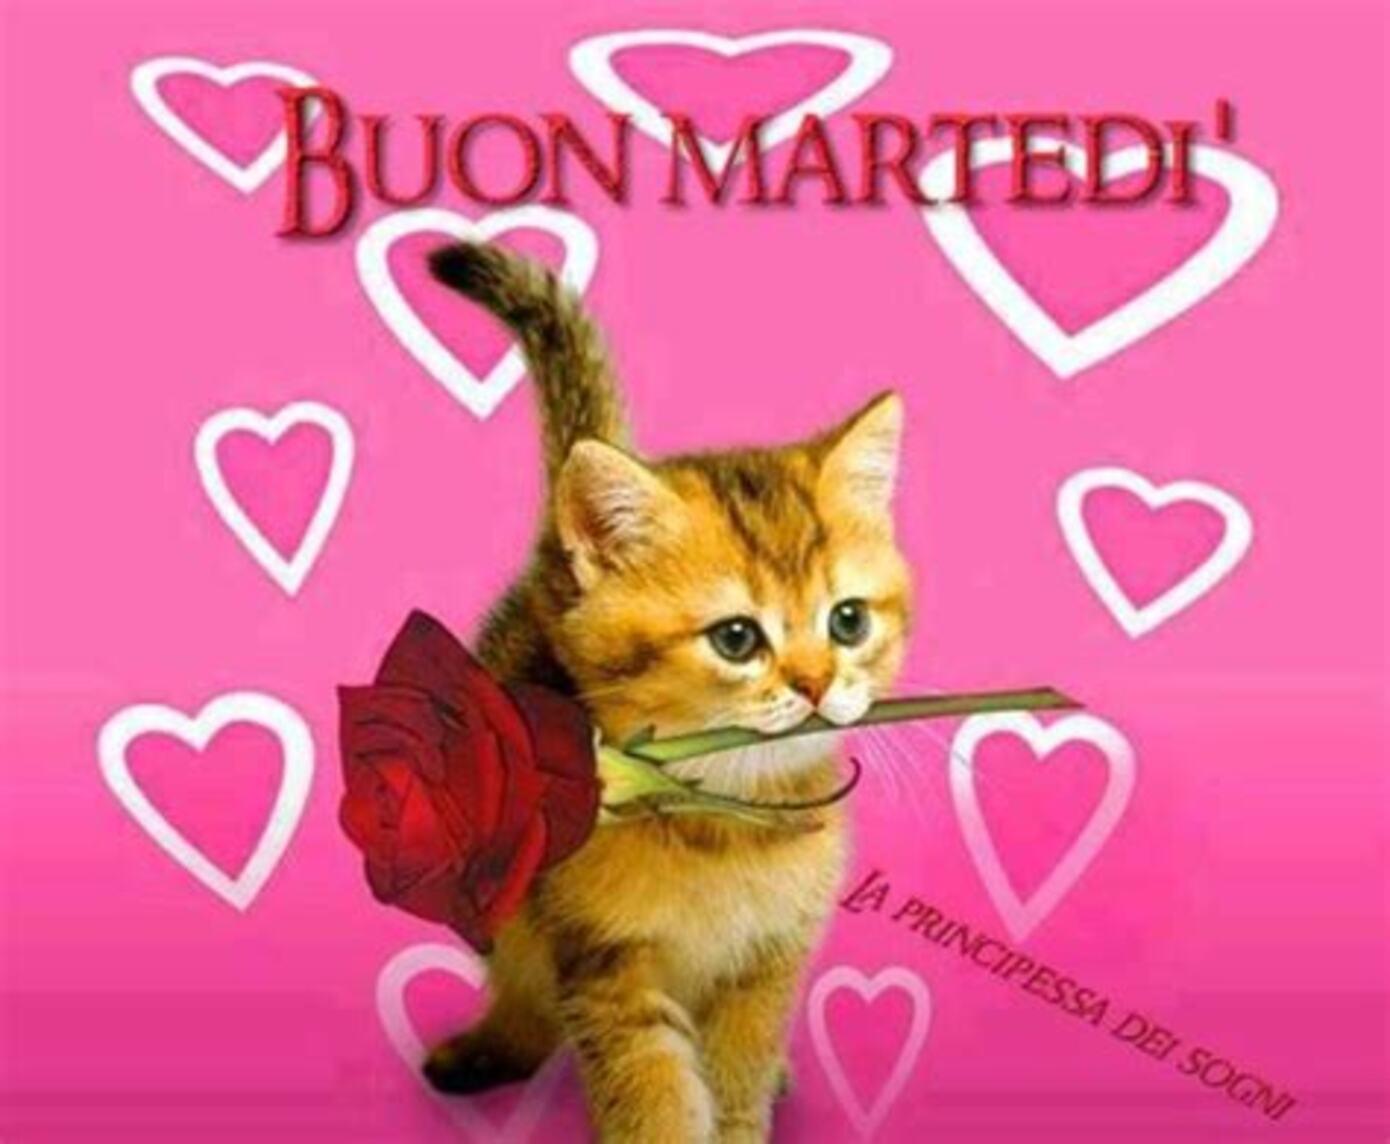 Buon Martedì Amore Mio